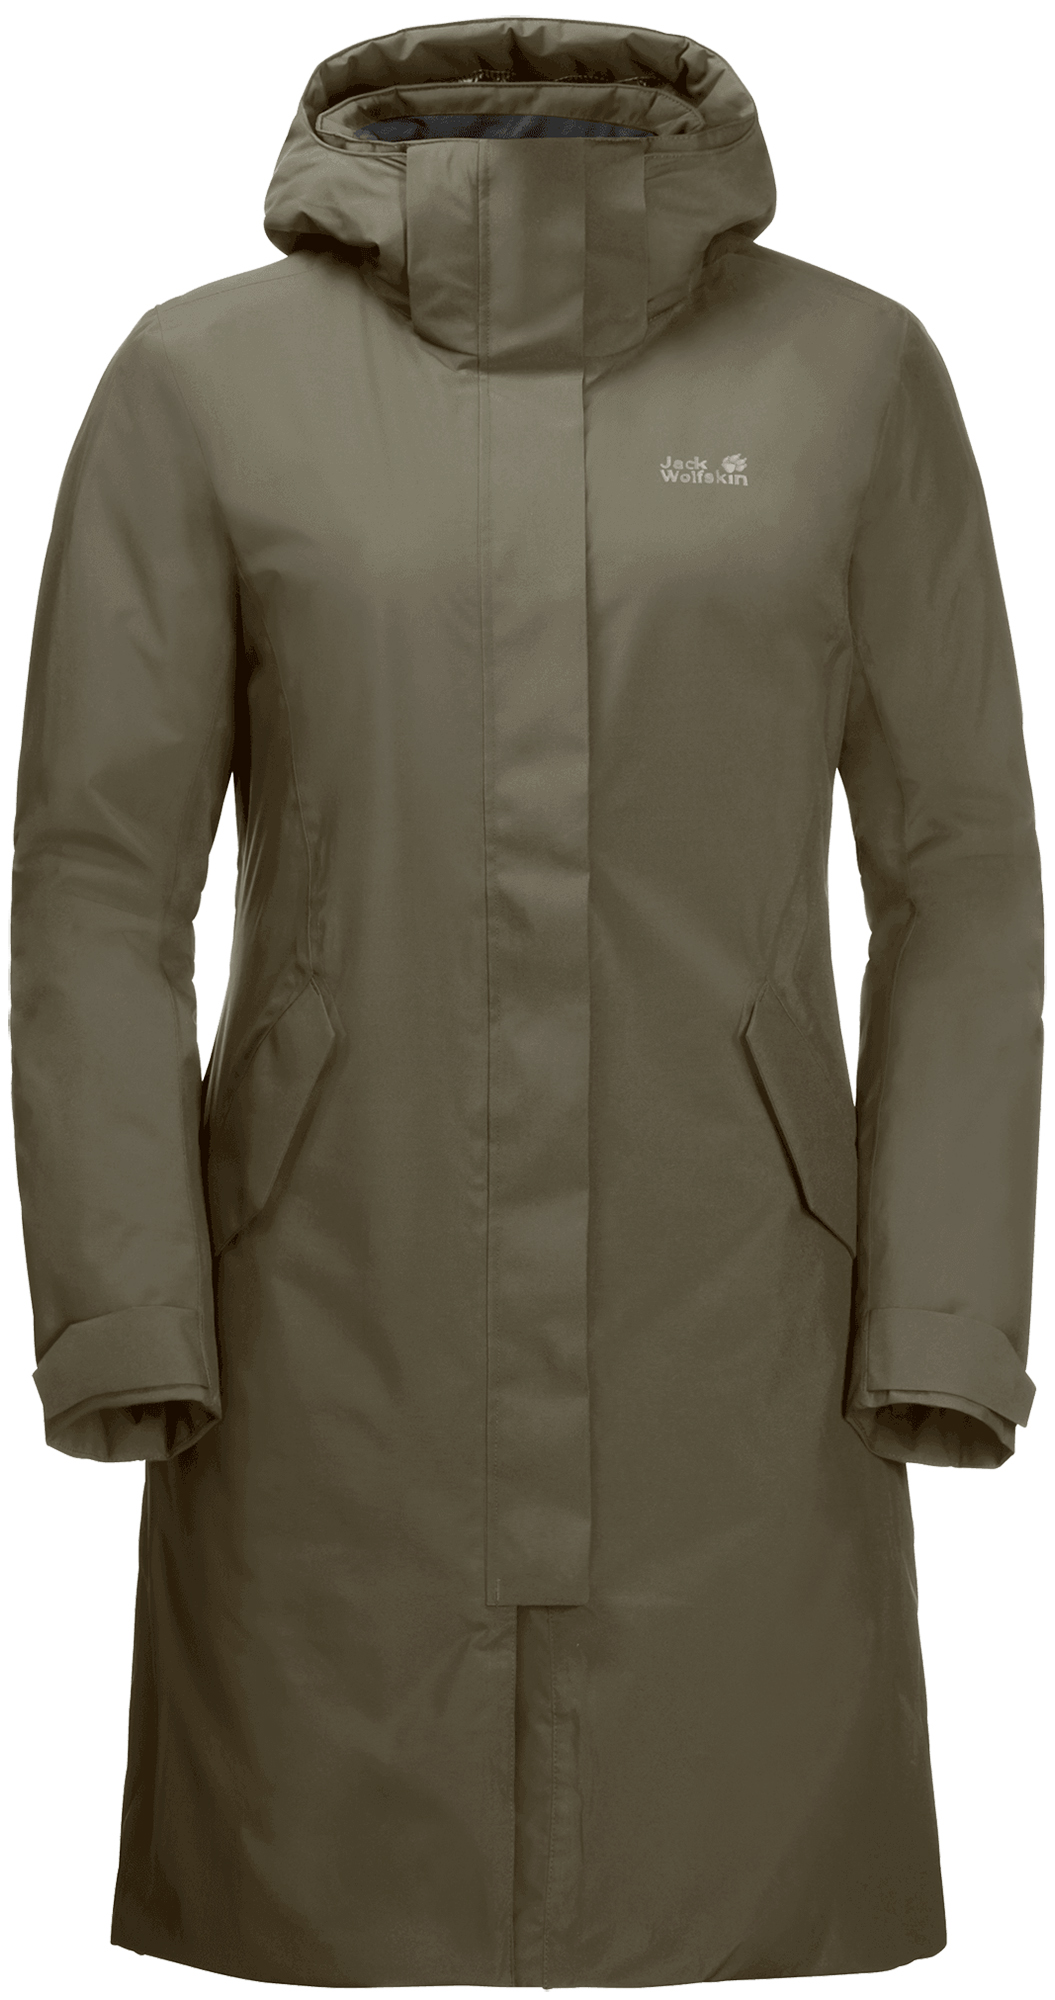 JACK WOLFSKIN Пальто пуховое женское Jack Wolfskin Cold Bay, размер 46-48